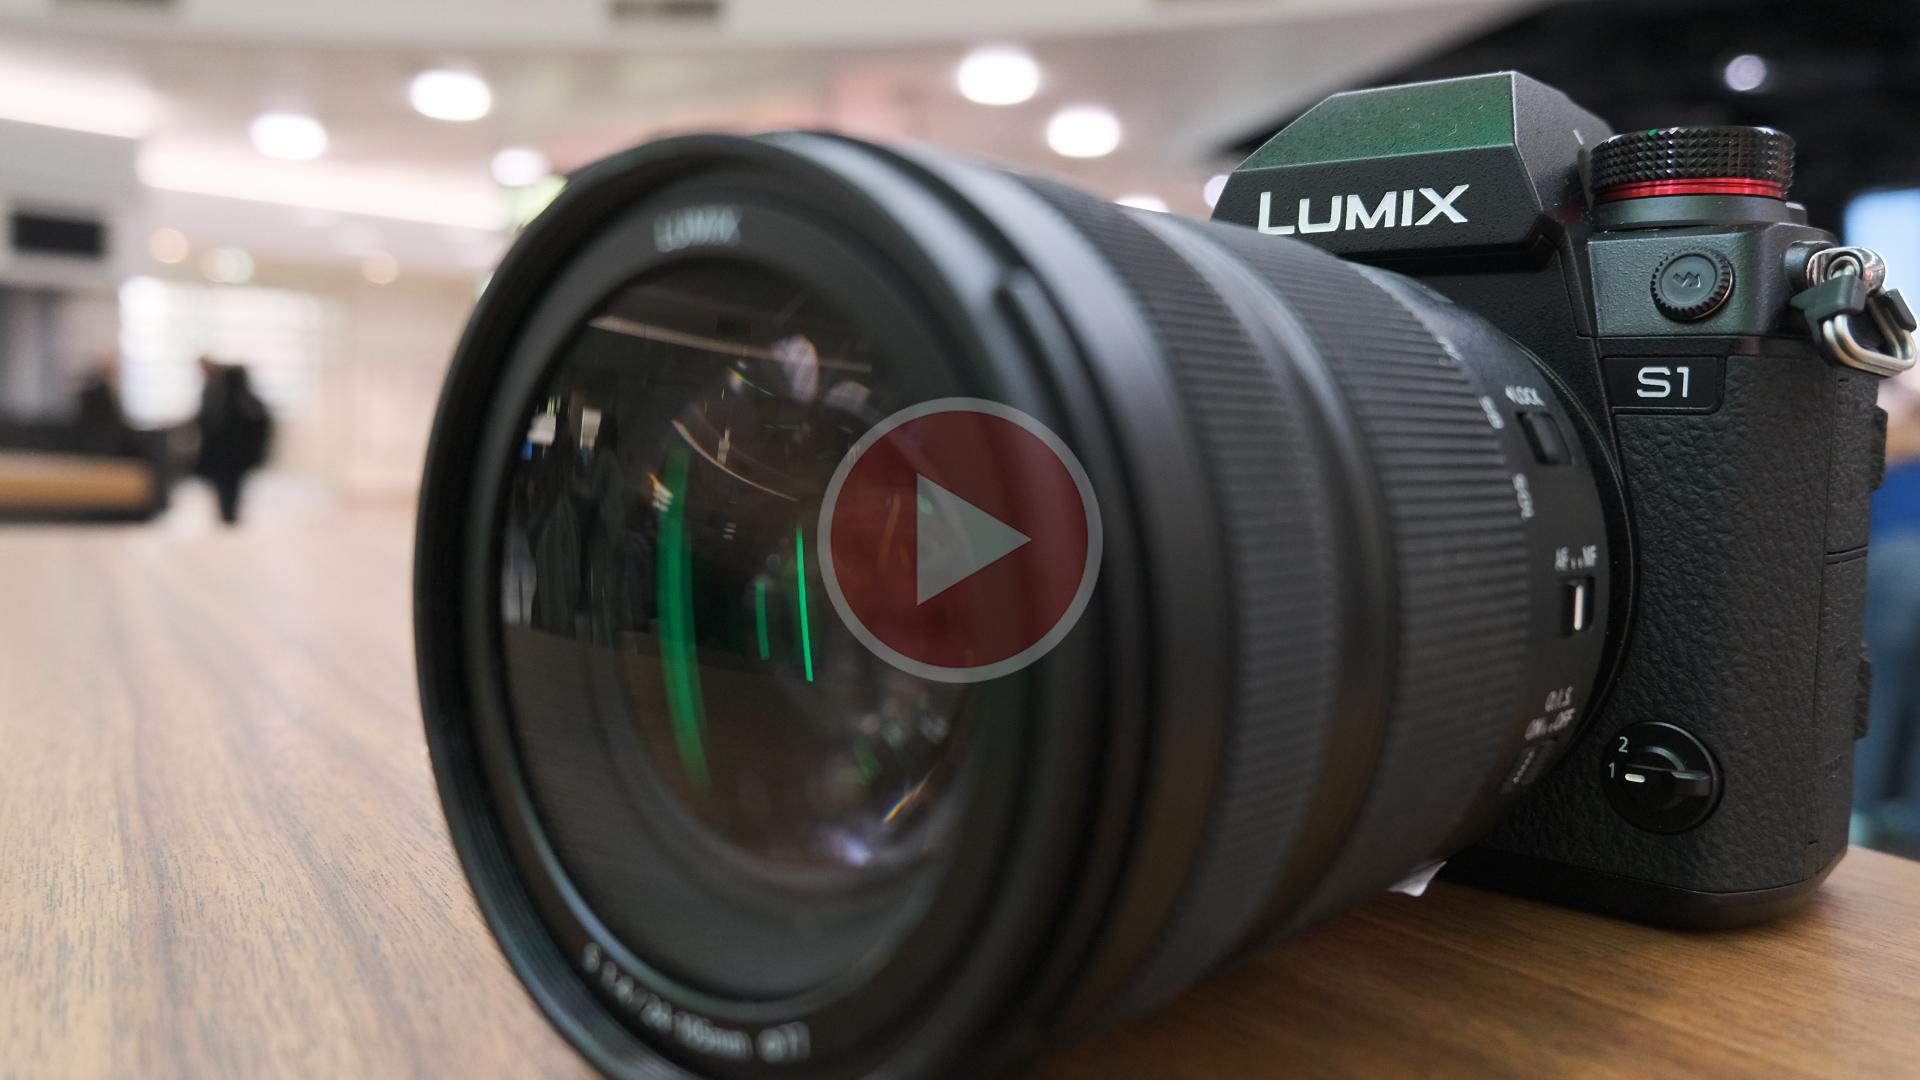 Lanzaron la Panasonic LUMIX S1 y la S1R – junto con tres nuevos lentes montura L